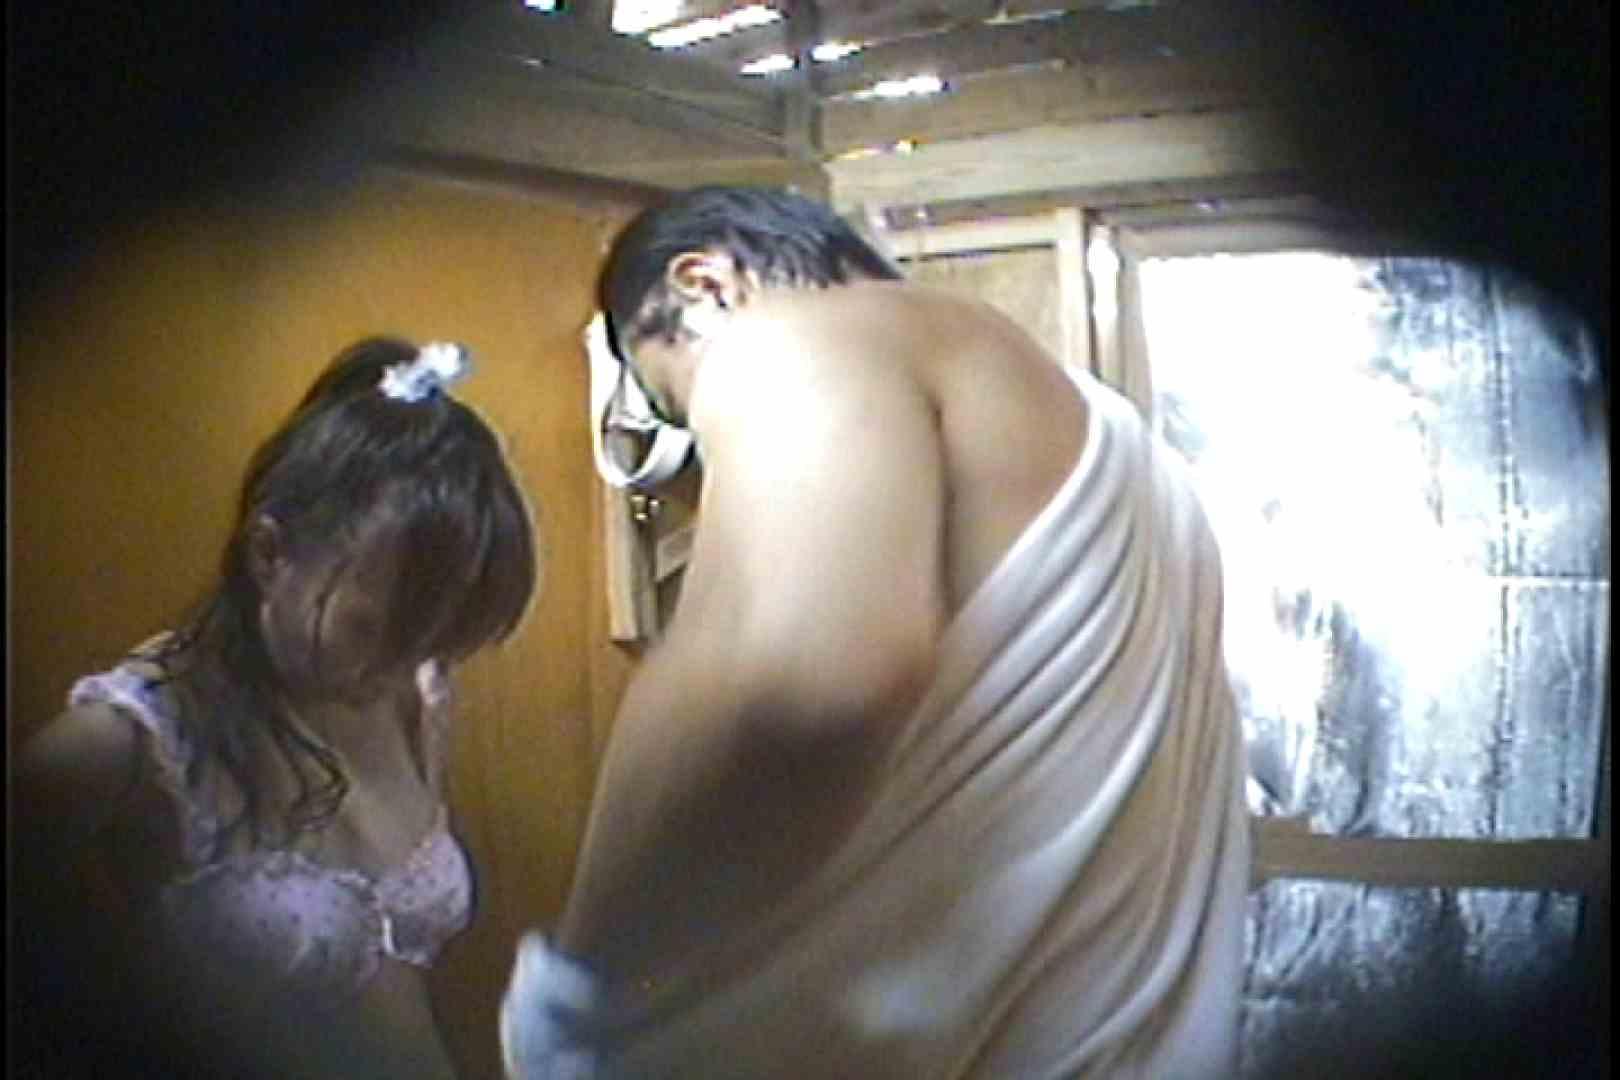 海の家の更衣室 Vol.57 エッチすぎる美女 SEX無修正画像 52連発 29